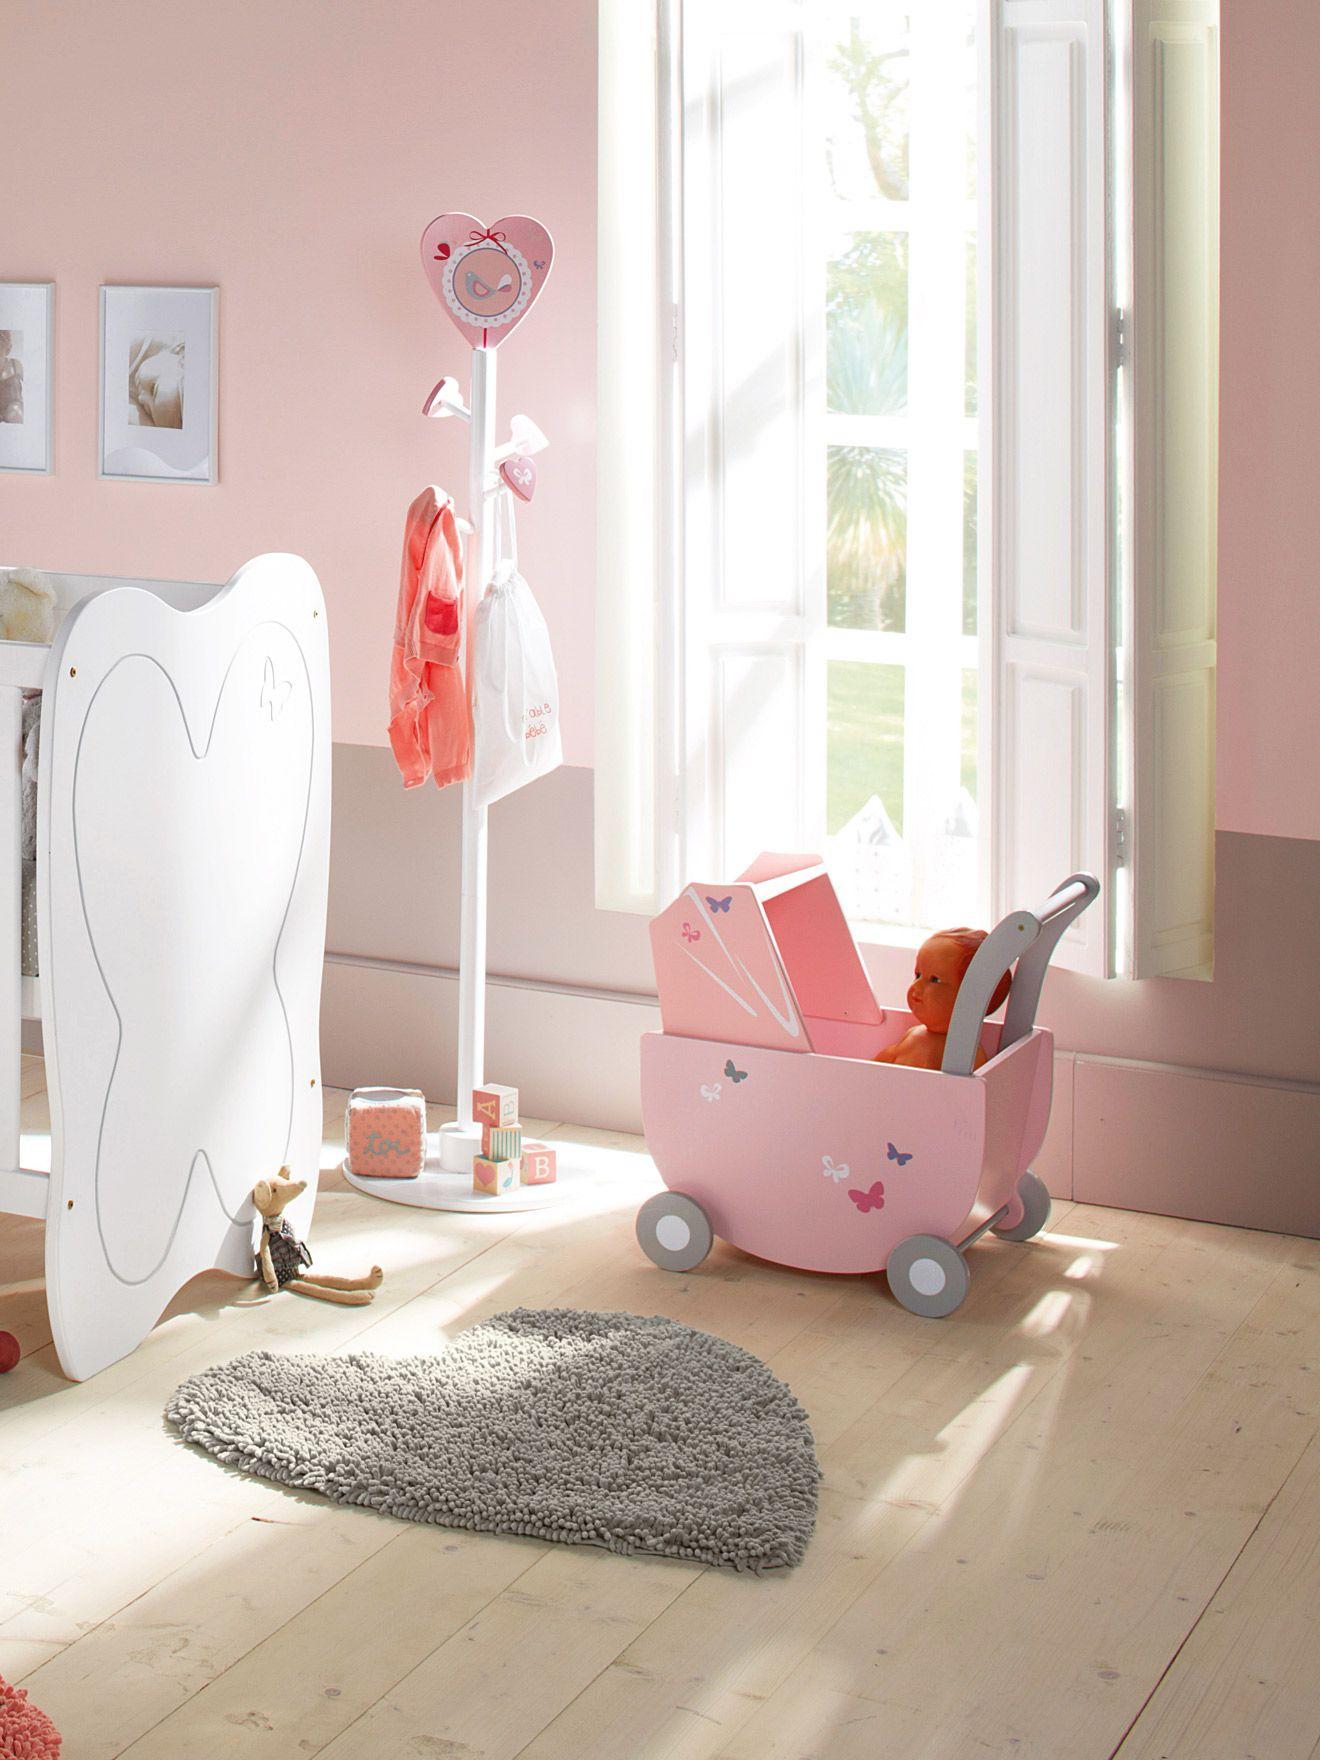 coffre de rangement landau thme tisenbon collection printemps t with coffre vertbaudet. Black Bedroom Furniture Sets. Home Design Ideas